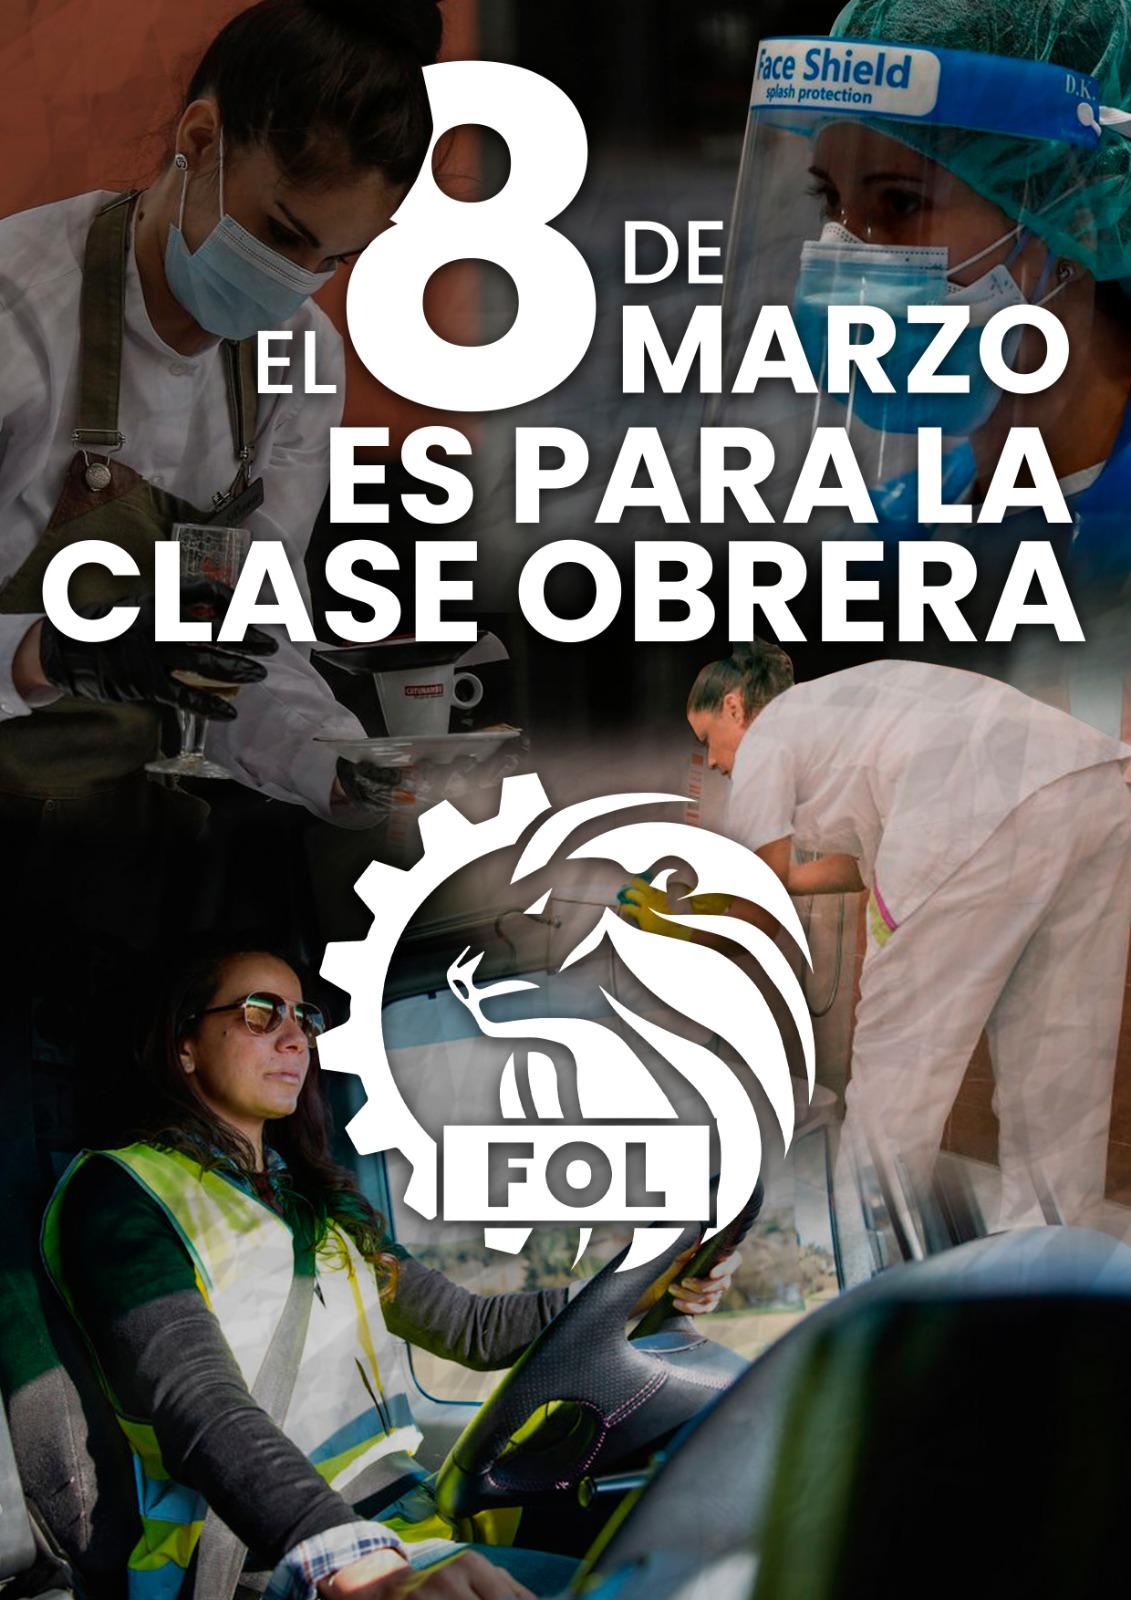 EL 8 DE MARZO ES PARA LA CLASE OBRERA